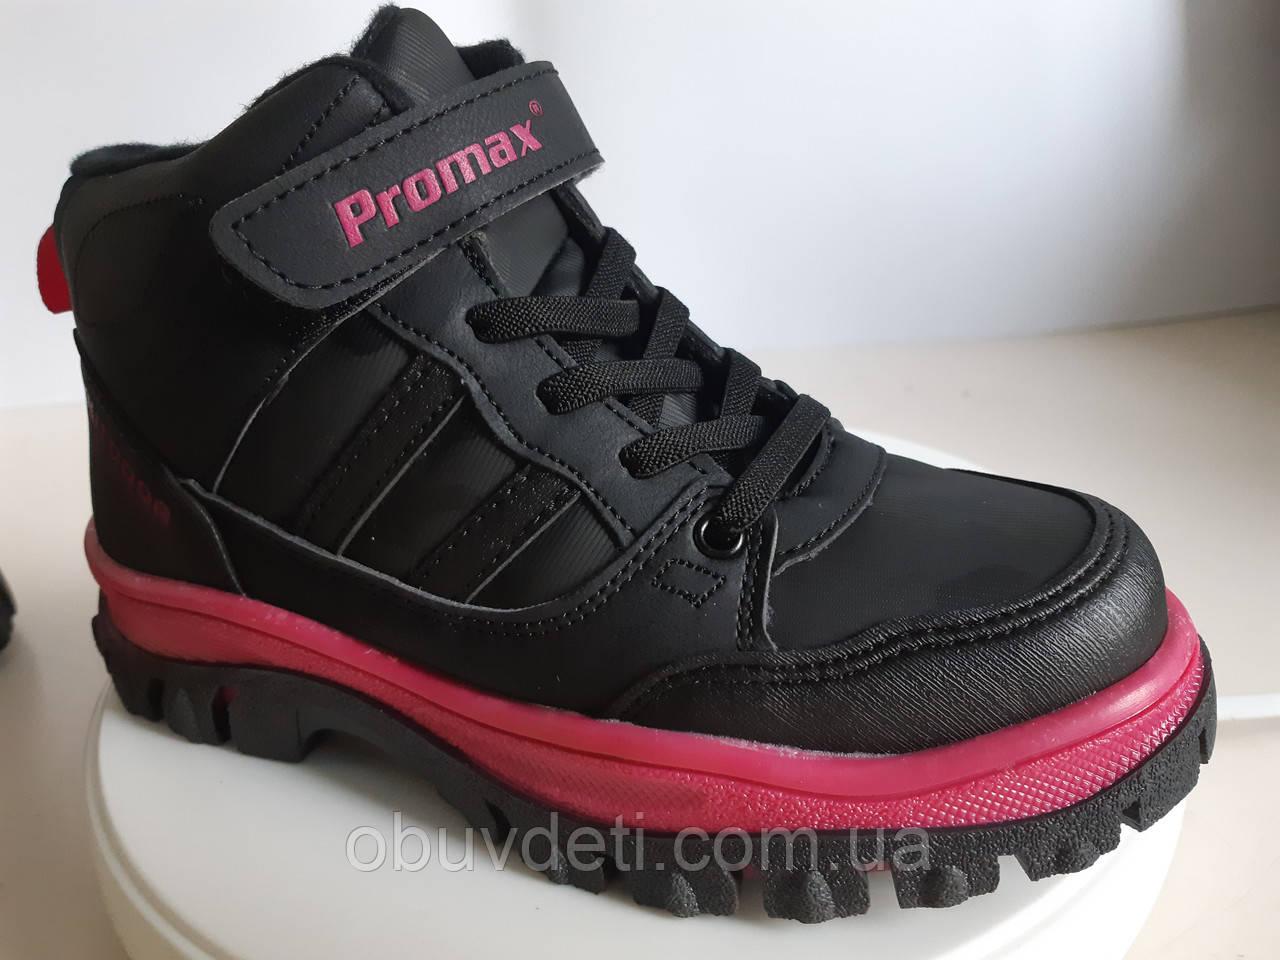 Качественные деми ботинки  Promax для девочки 33 р-р - 21.3см